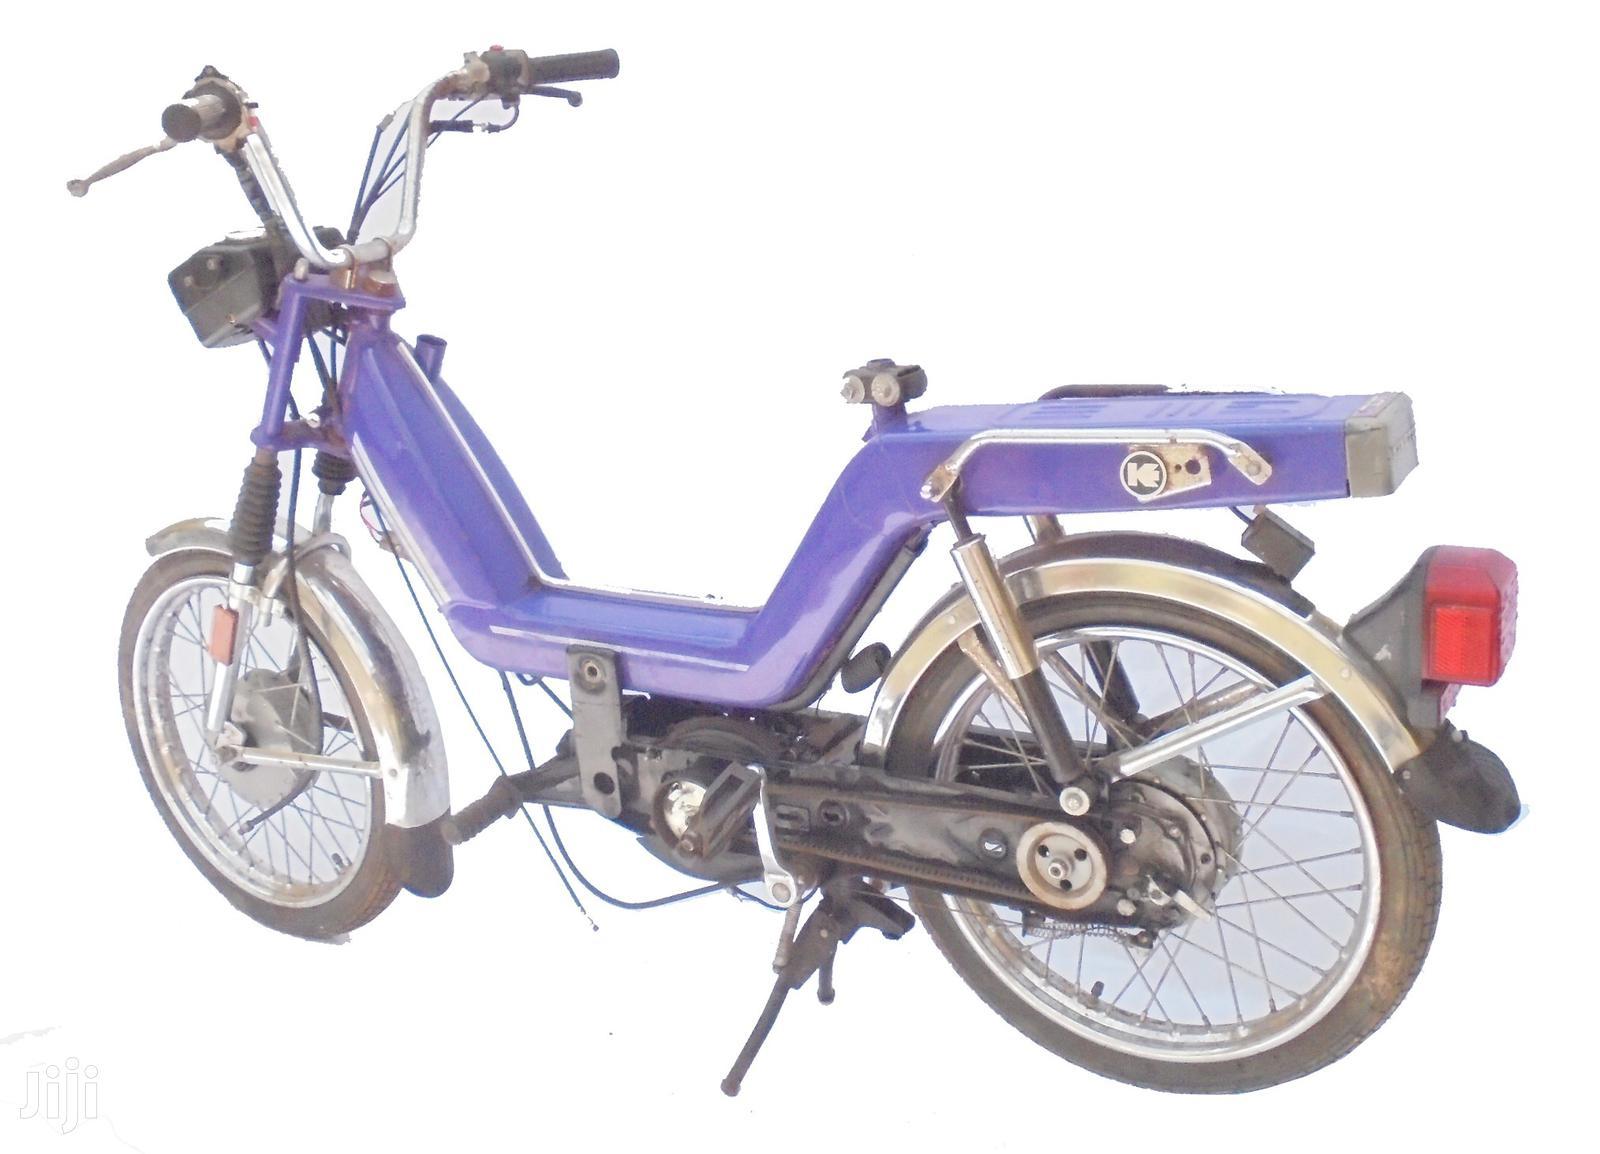 Motorcycle 2008 | Motorcycles & Scooters for sale in Githunguri, Kiambu, Kenya